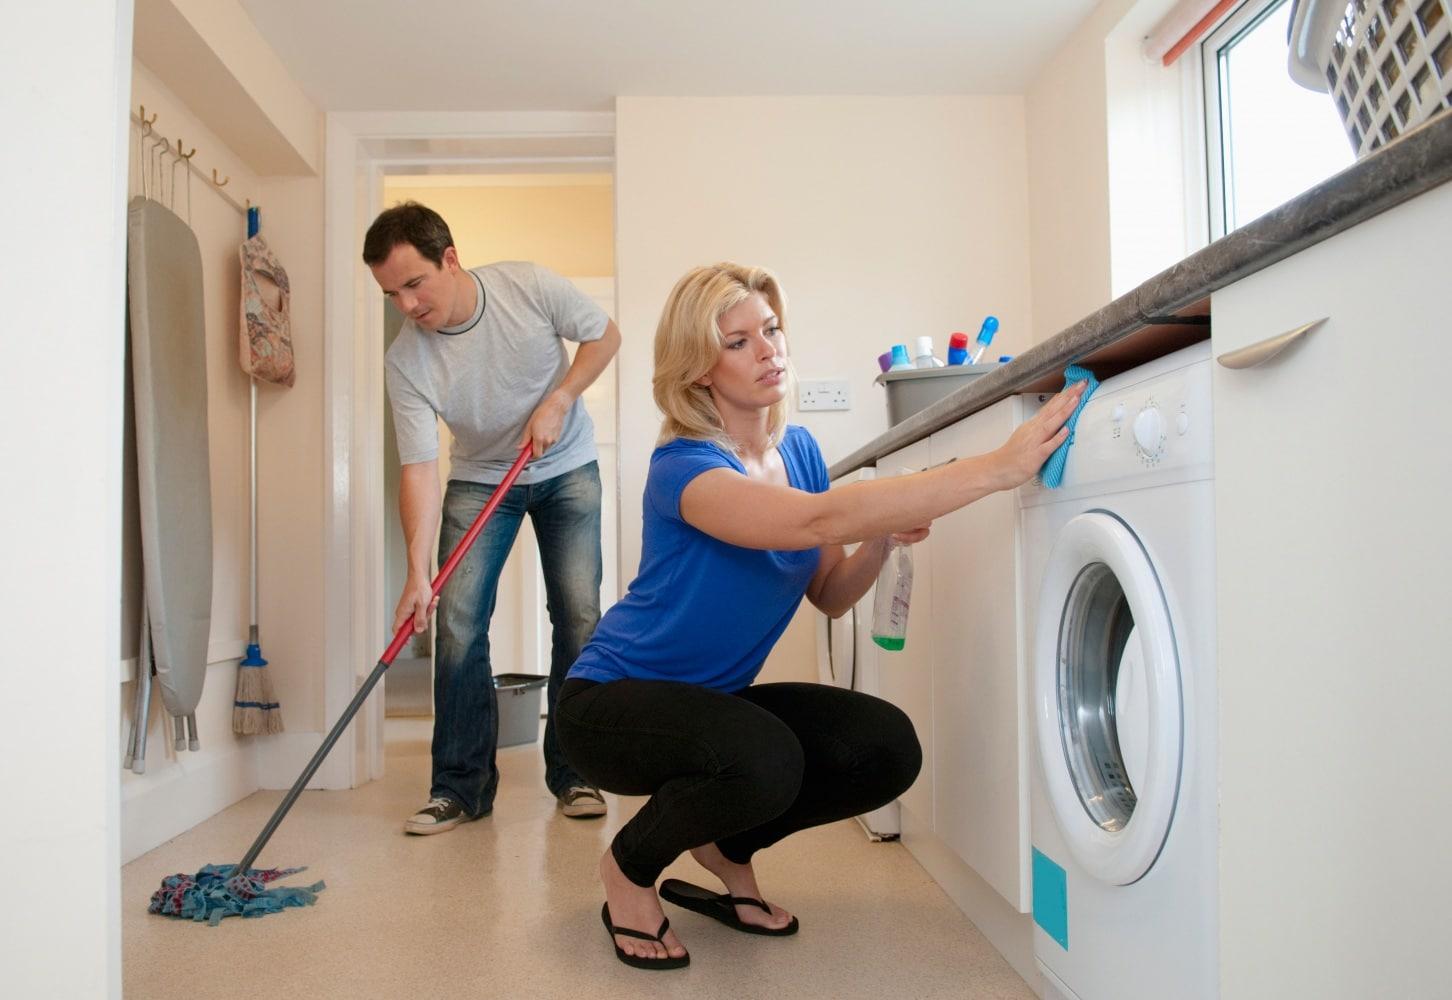 Giochi Di Pulire La Casa 20 dritte green per pulire casa senza inquinare